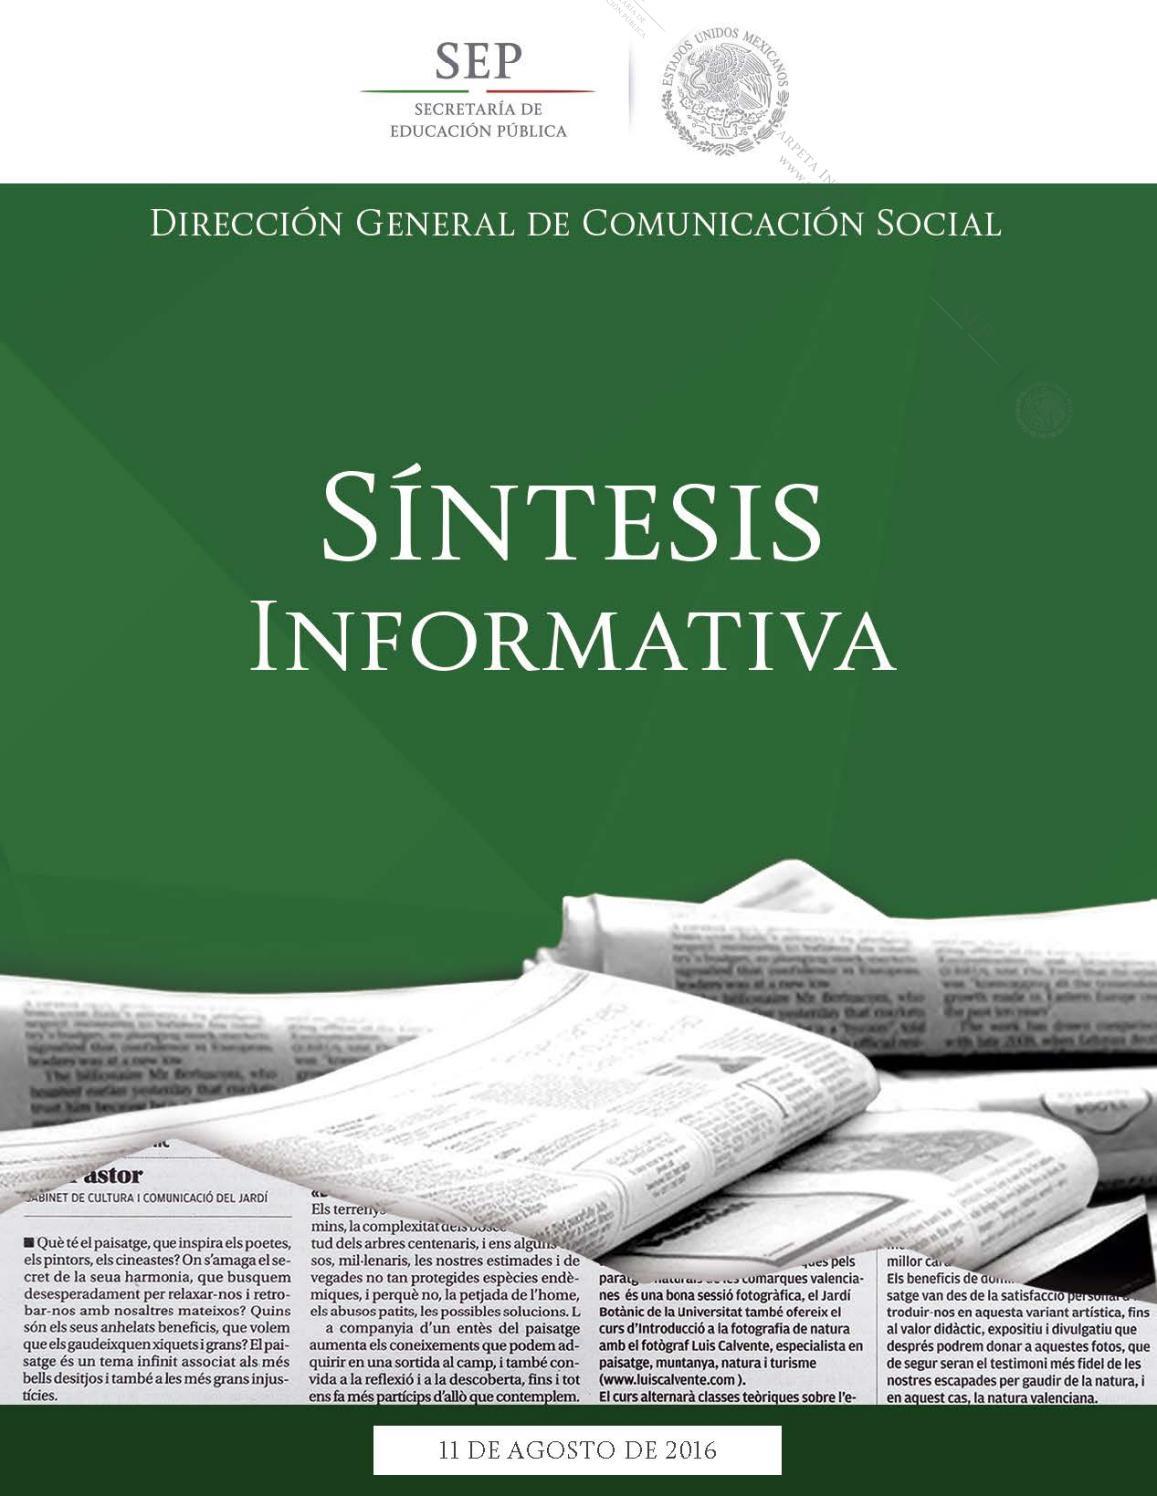 11 agosto 2016 by Secretaría de Educación Pública - issuu